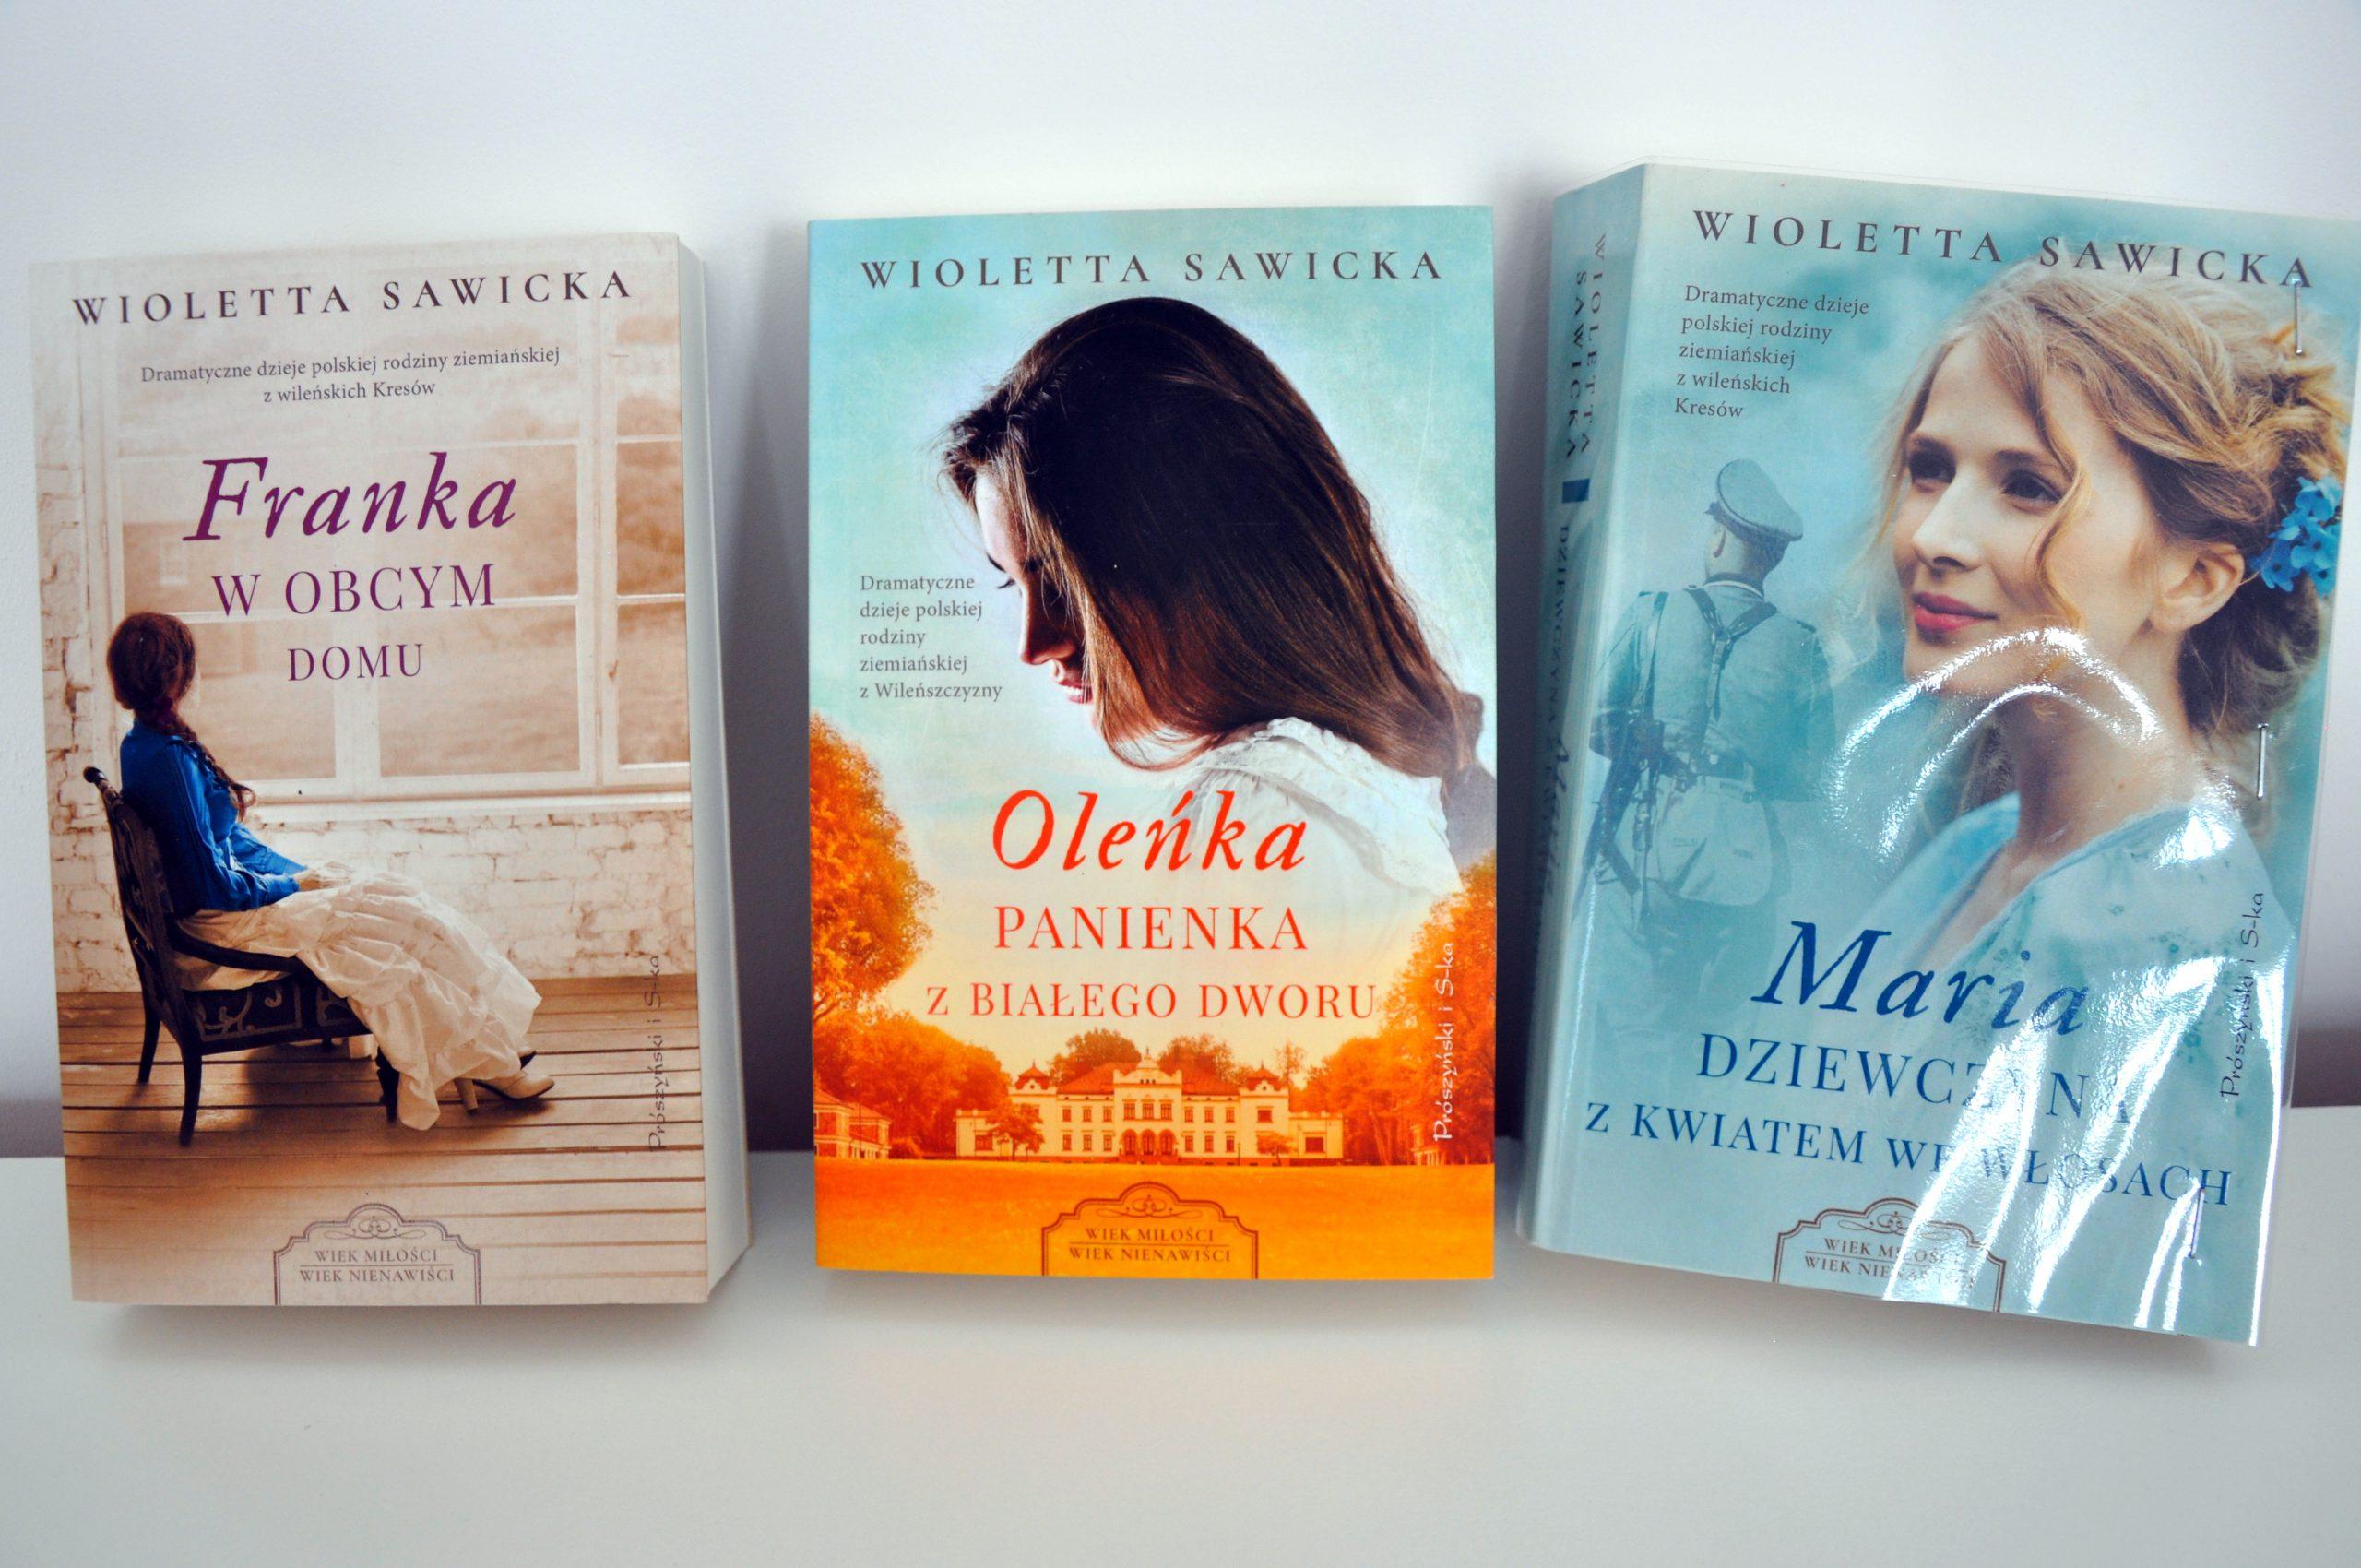 Książkowe nowości w Gminnej Bibliotece Publicznej w Krzeszowie.